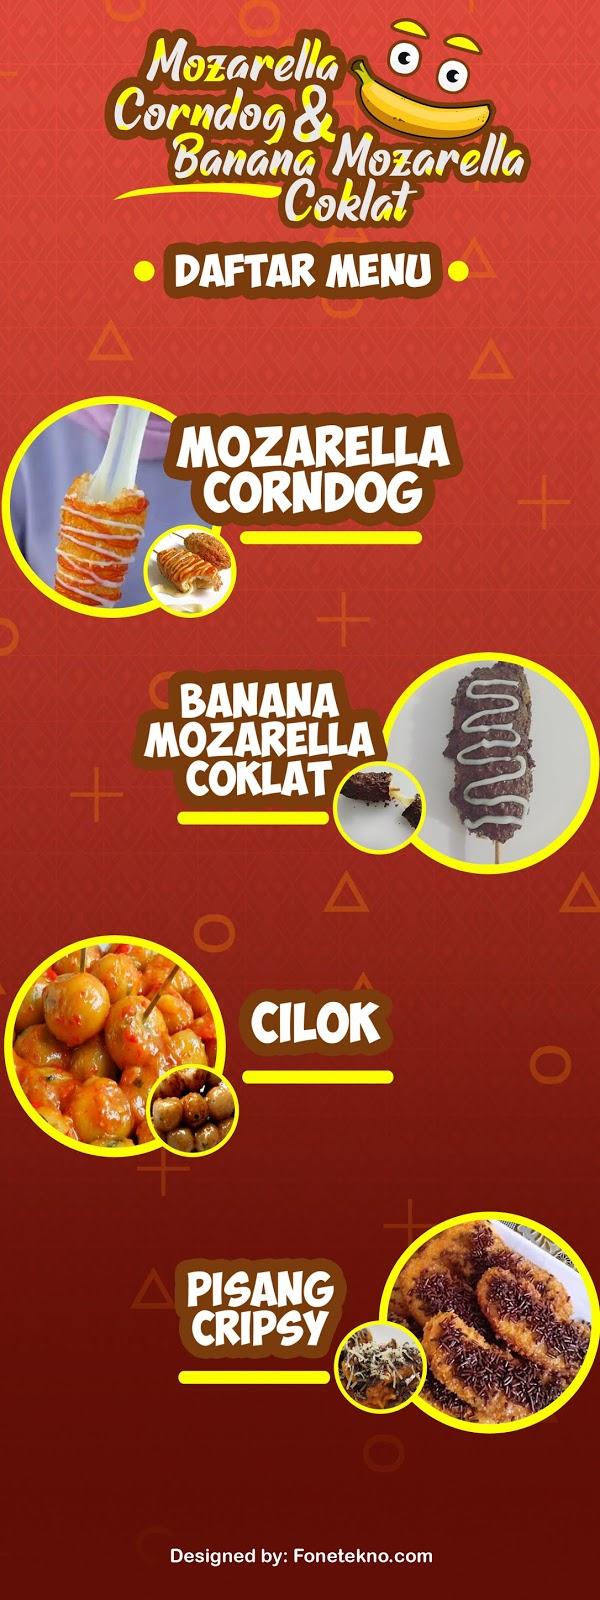 Desain Spanduk Makanan : desain, spanduk, makanan, Kumpulan, Pelajaran, Contoh, Banner, Keren, Makanan